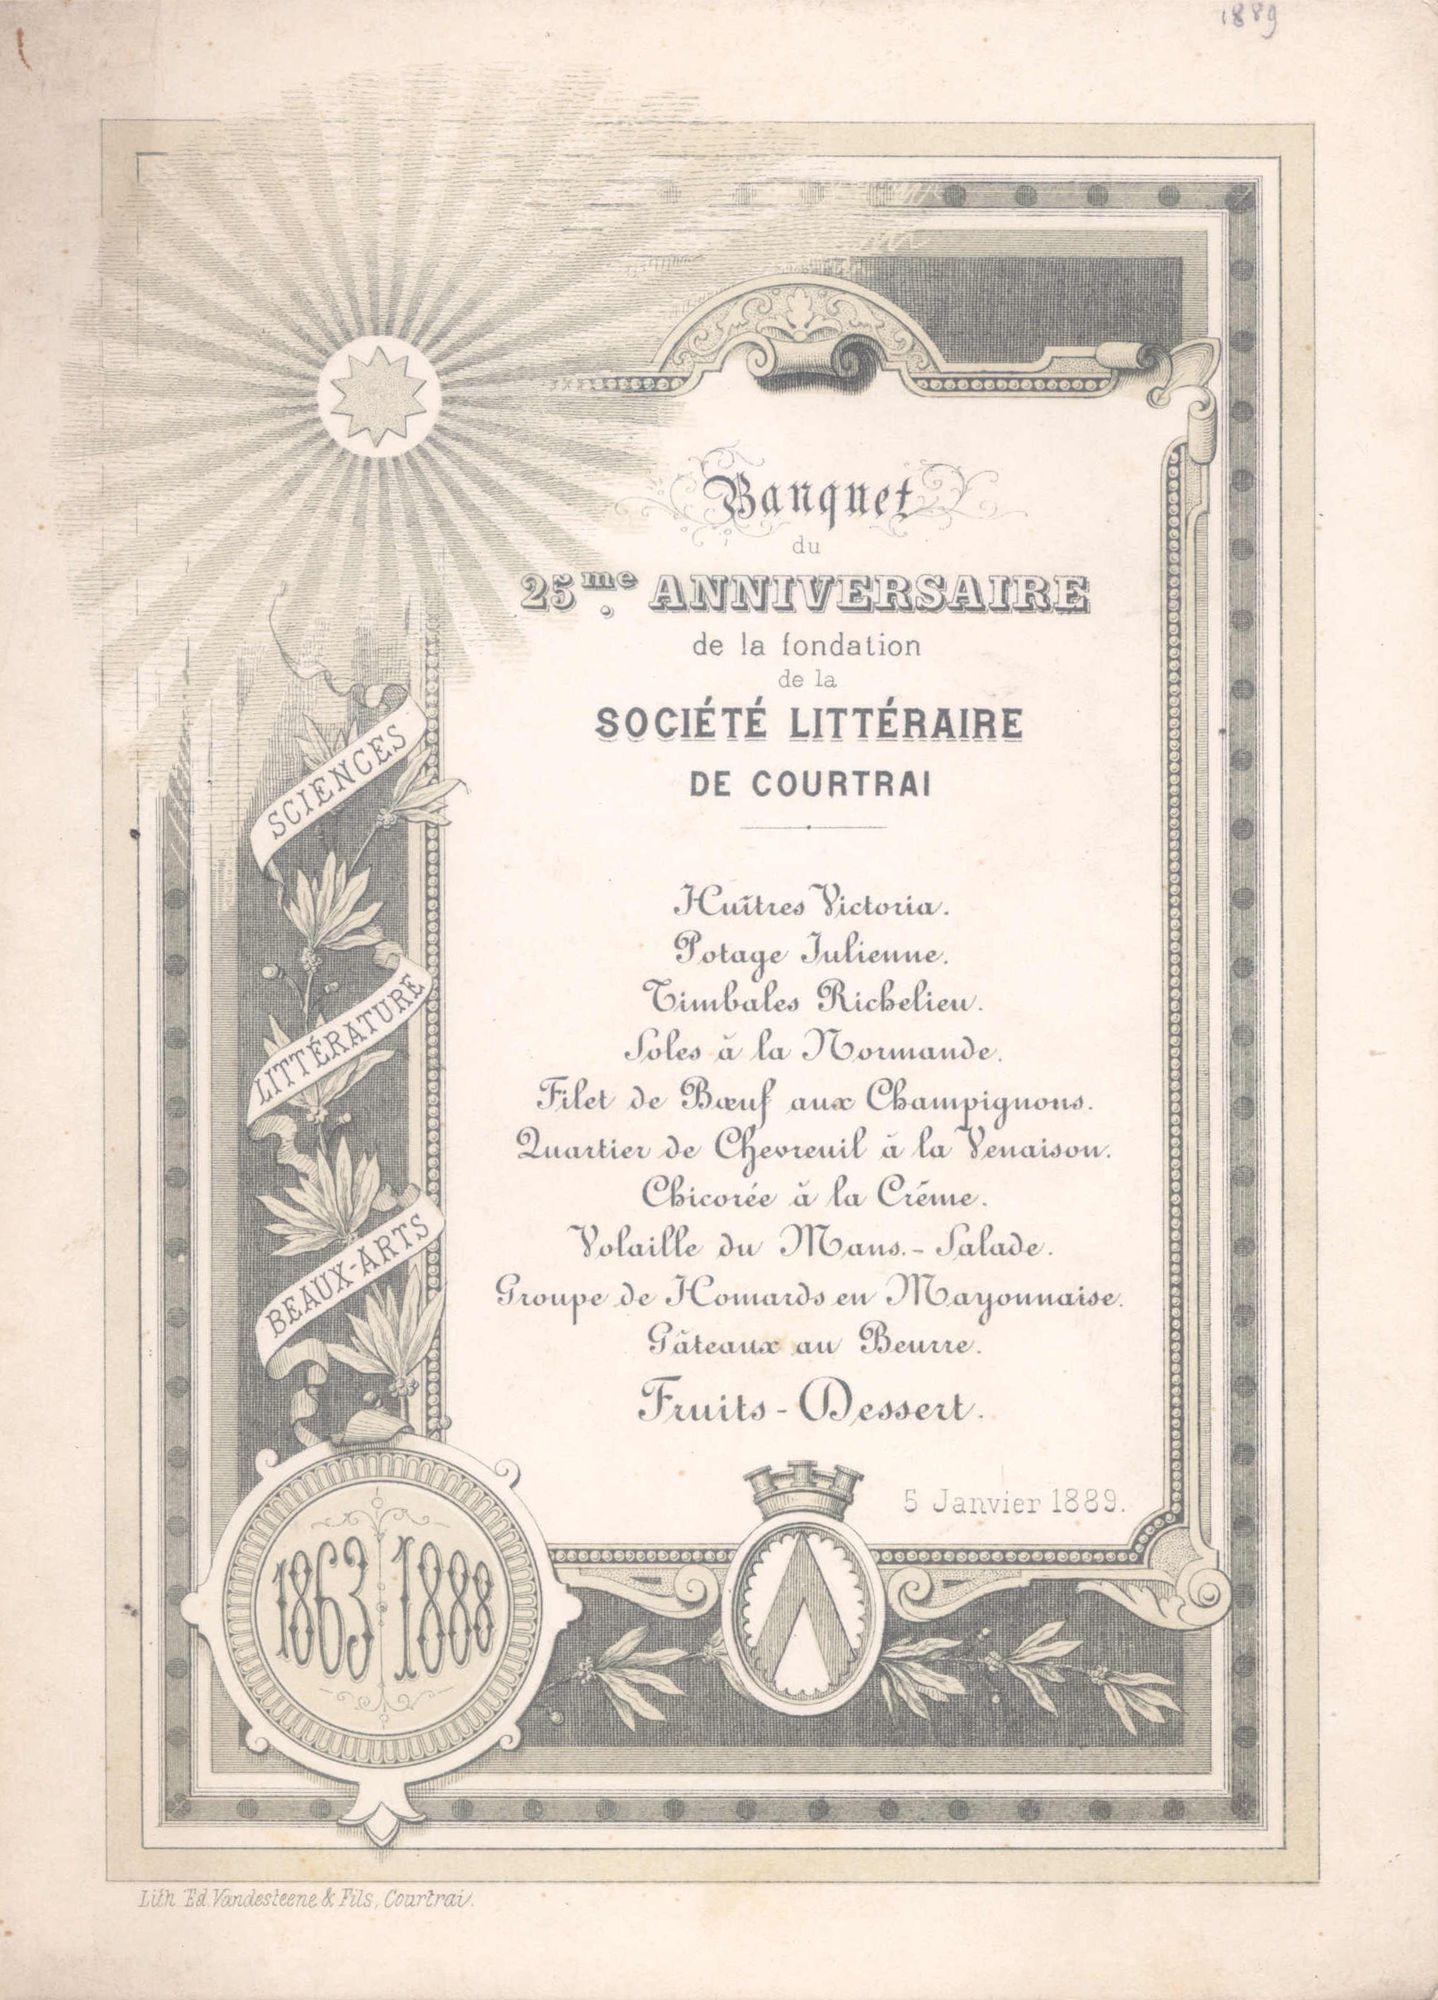 Société Littéraire de Courtrai 1989